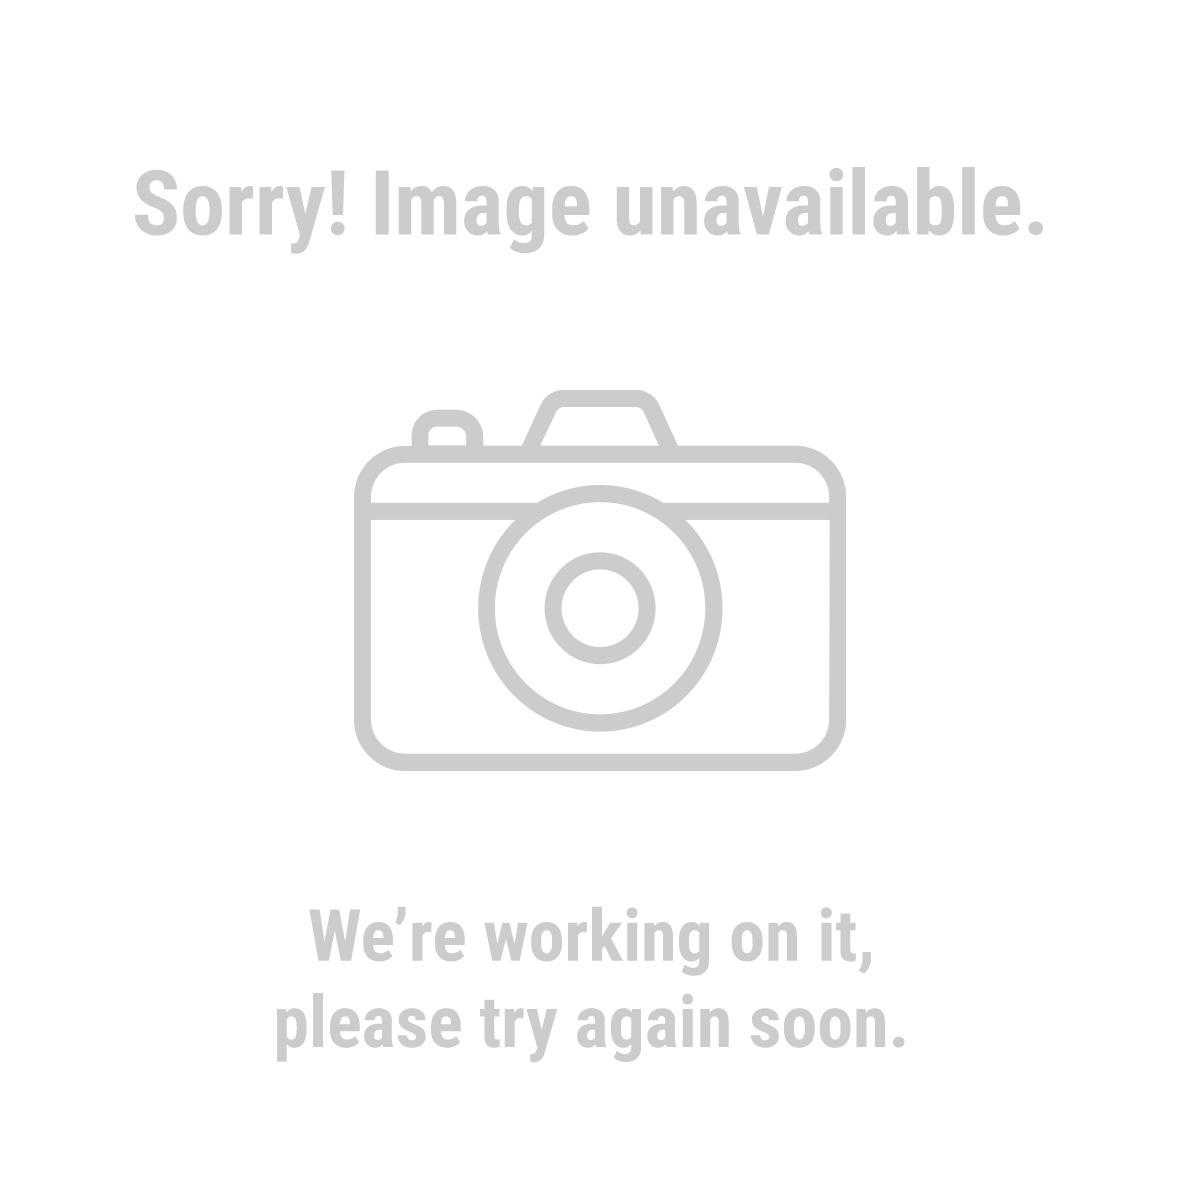 Chicago Electric Welding 62719 90 Amp Flux Welder